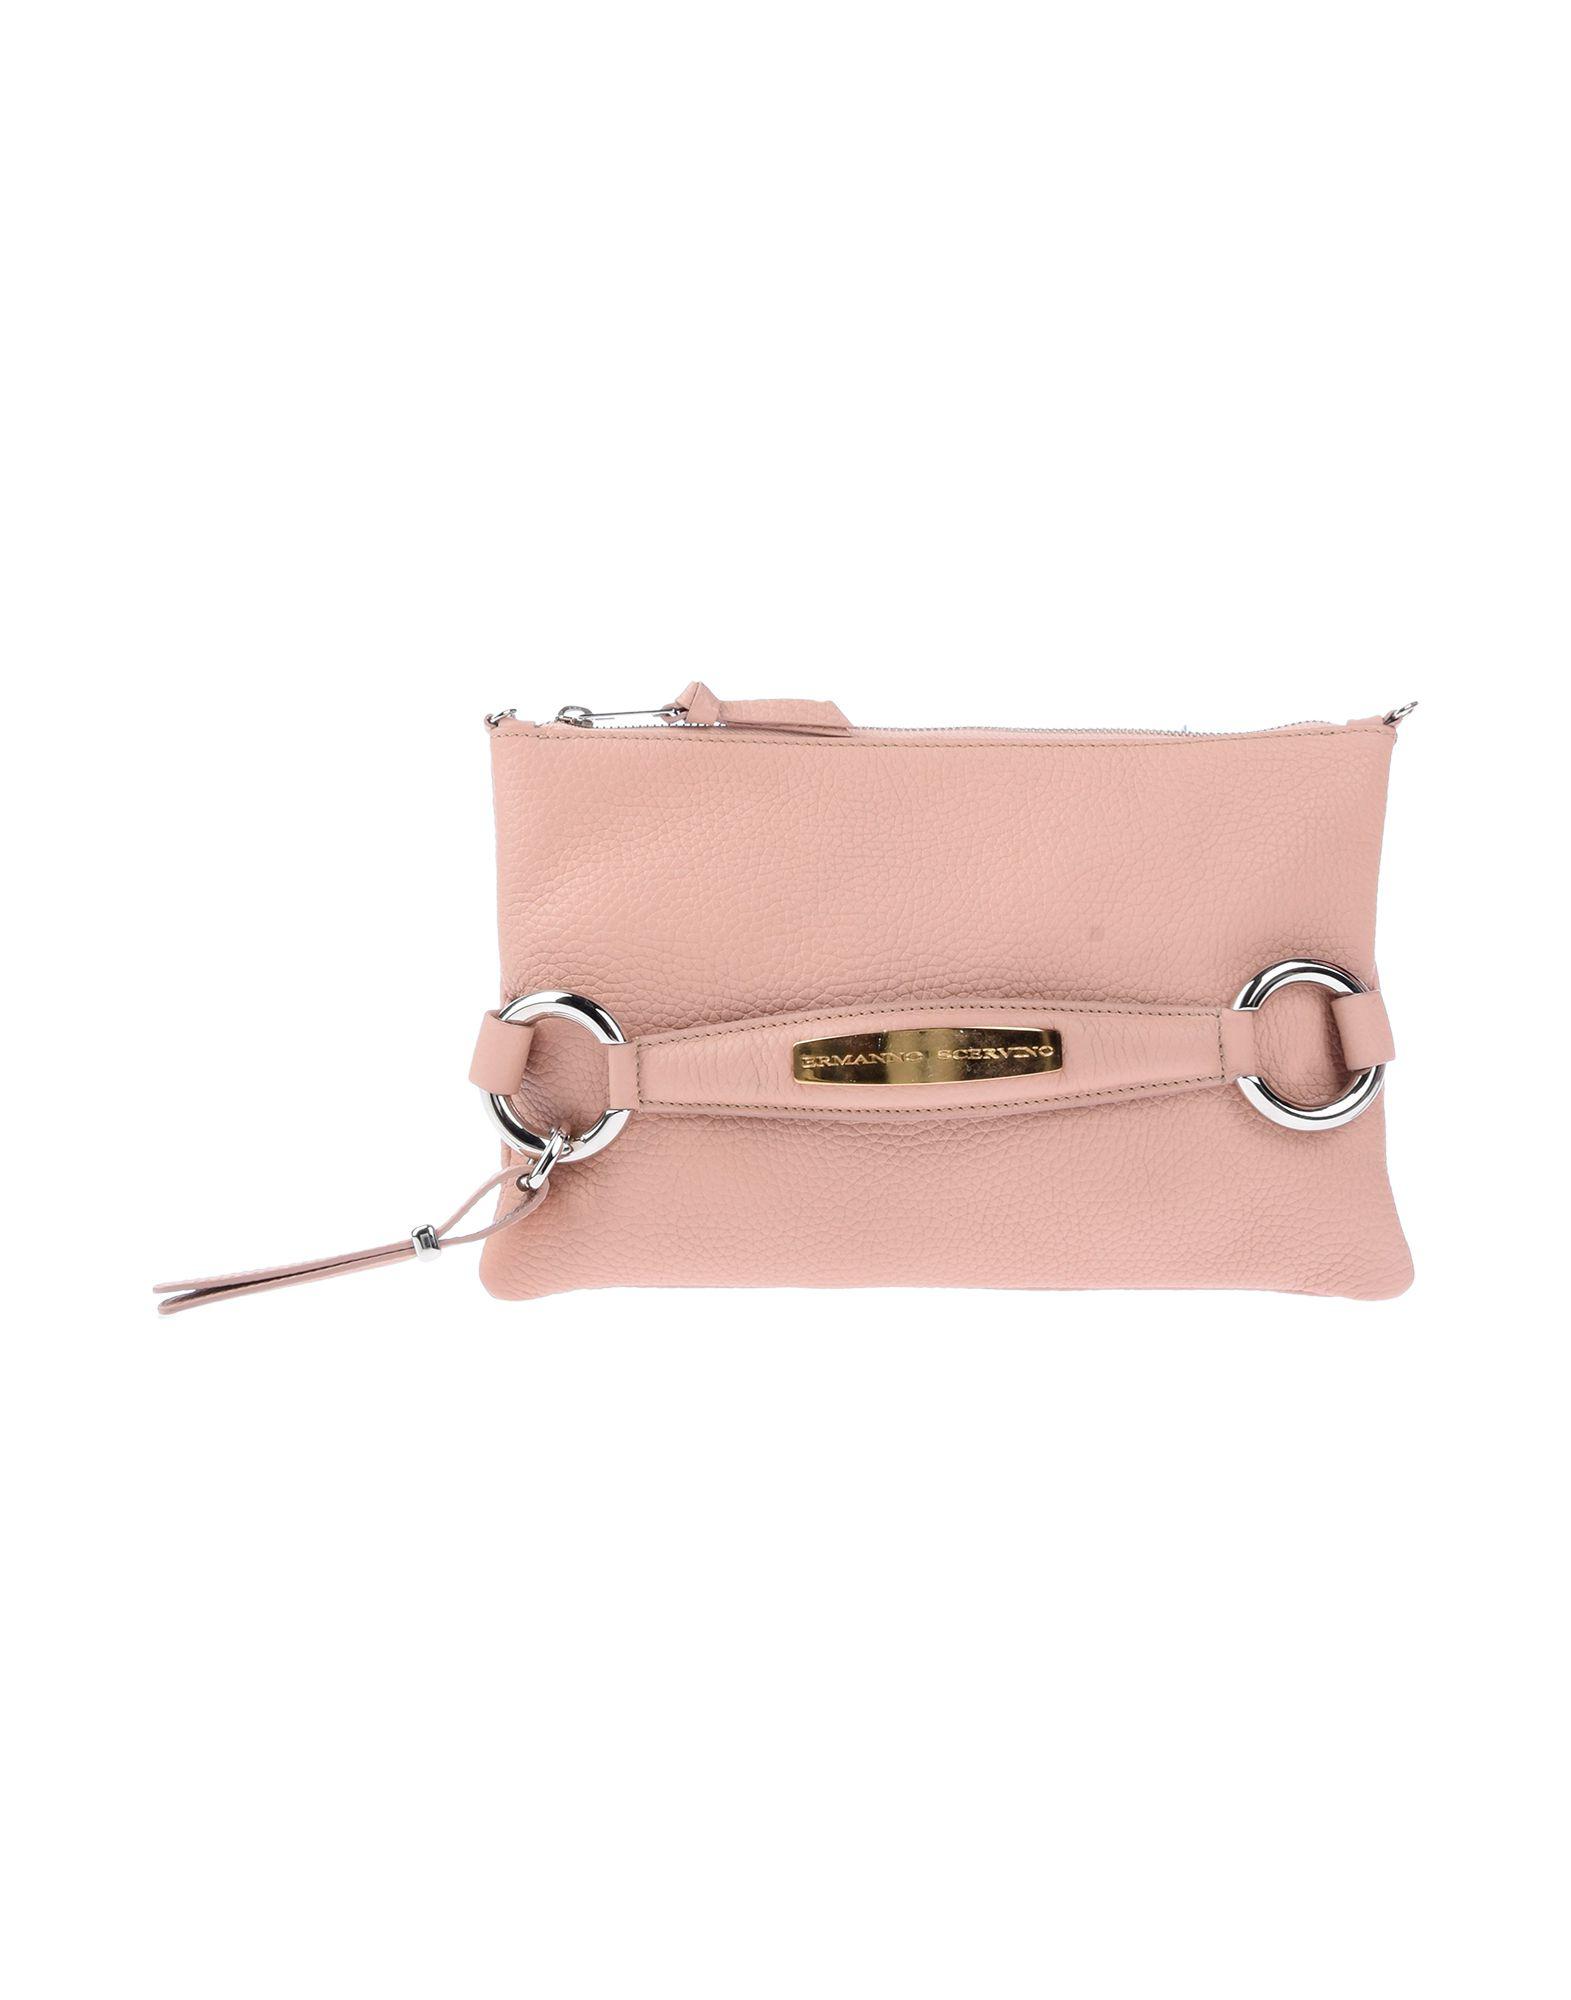 Ermanno Scervino Handbags In Pale Pink  936c86bfaf64f